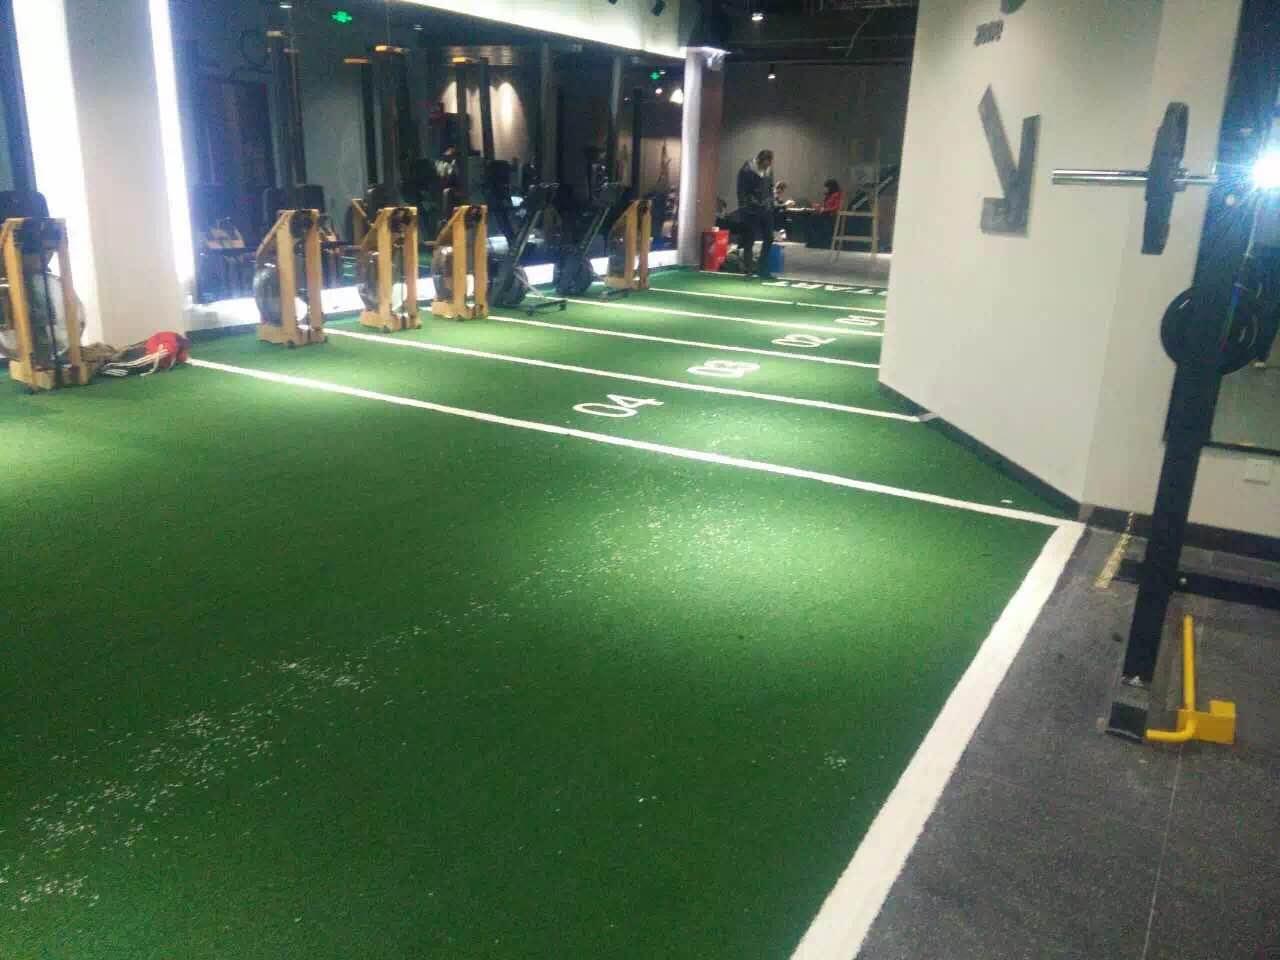 福建pvc地板厂家 福建健业体育设施工程供应